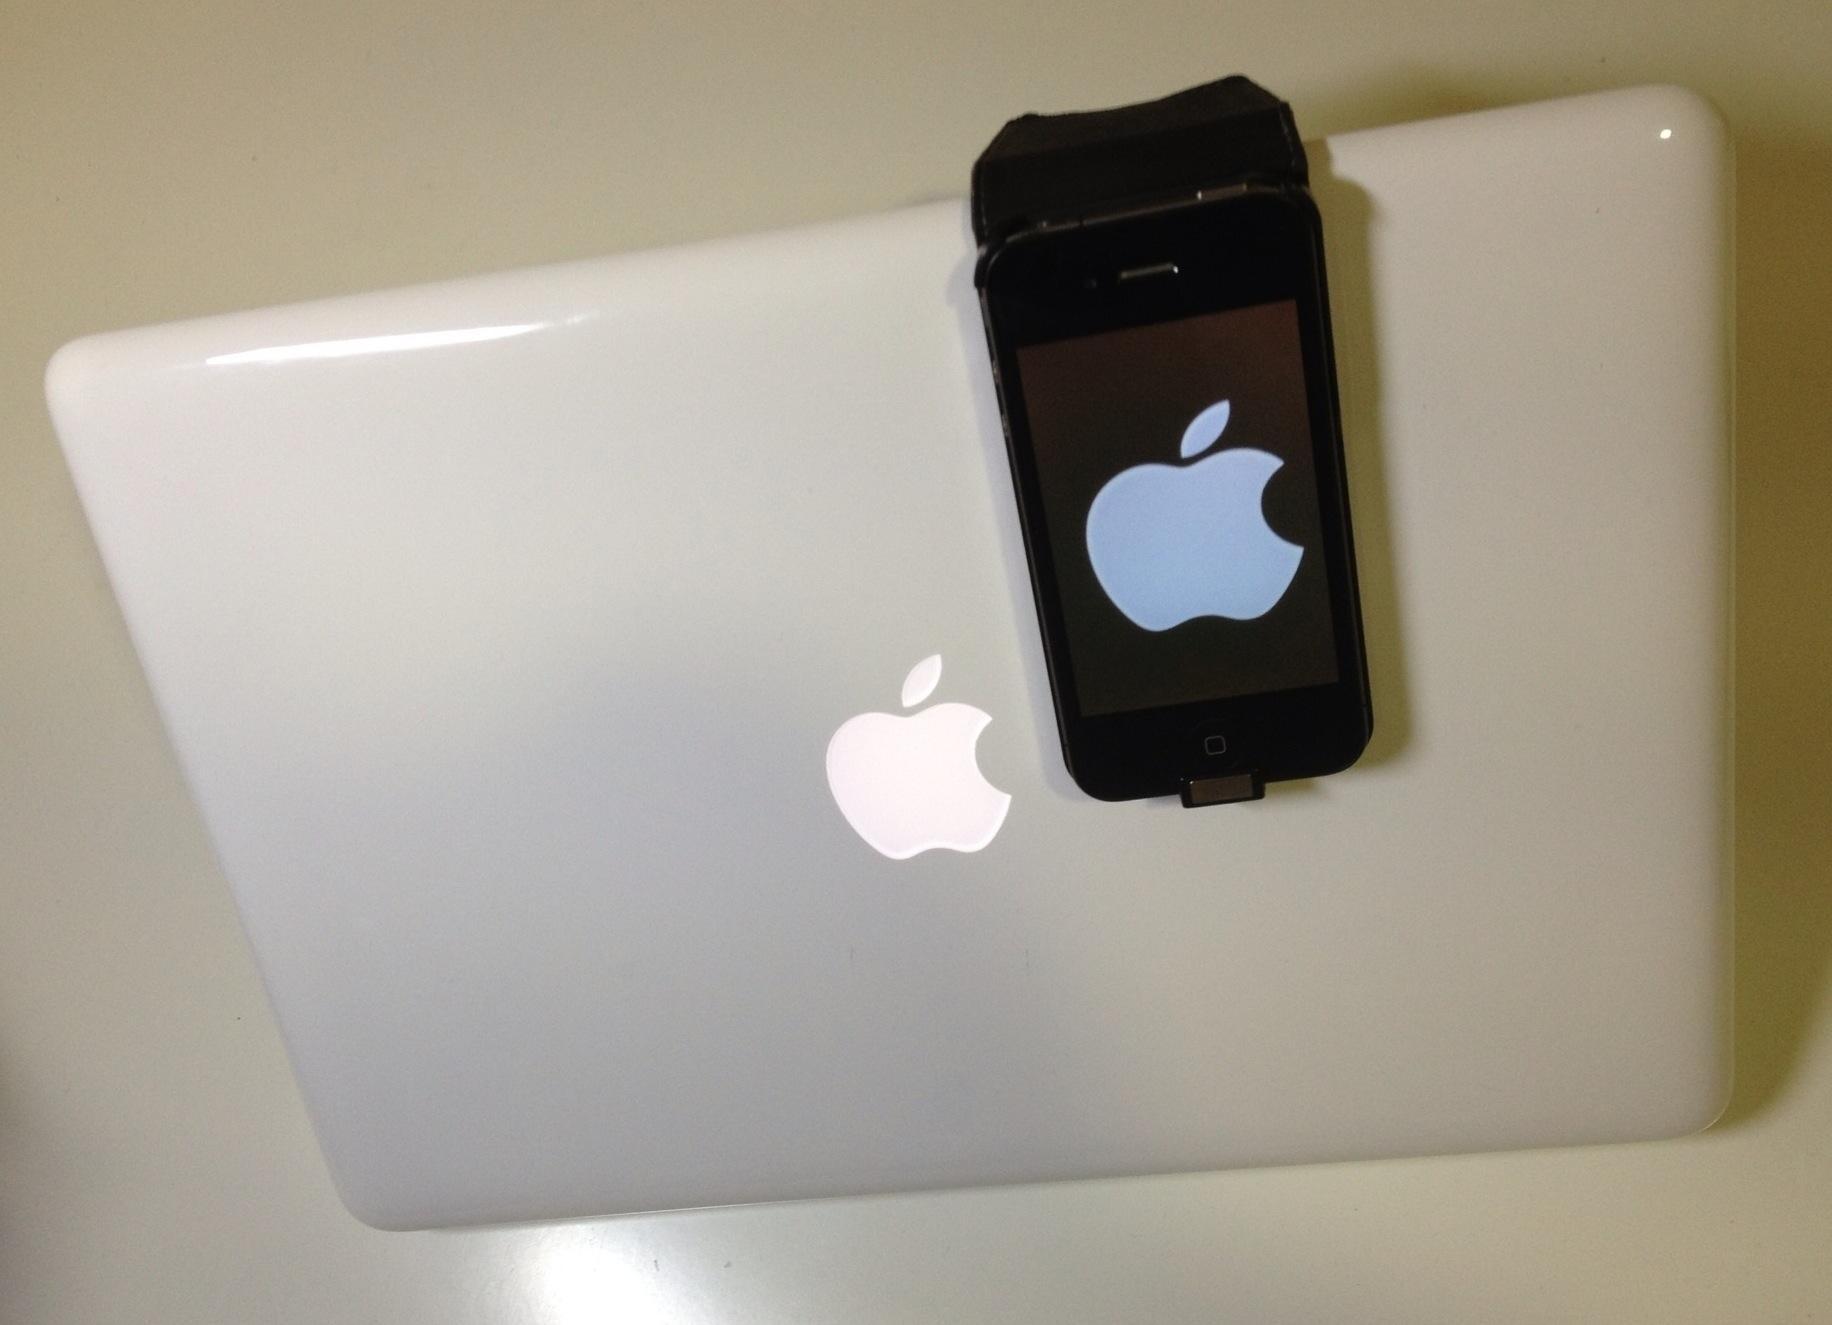 pasar fotos del iphone al mac sin itunes